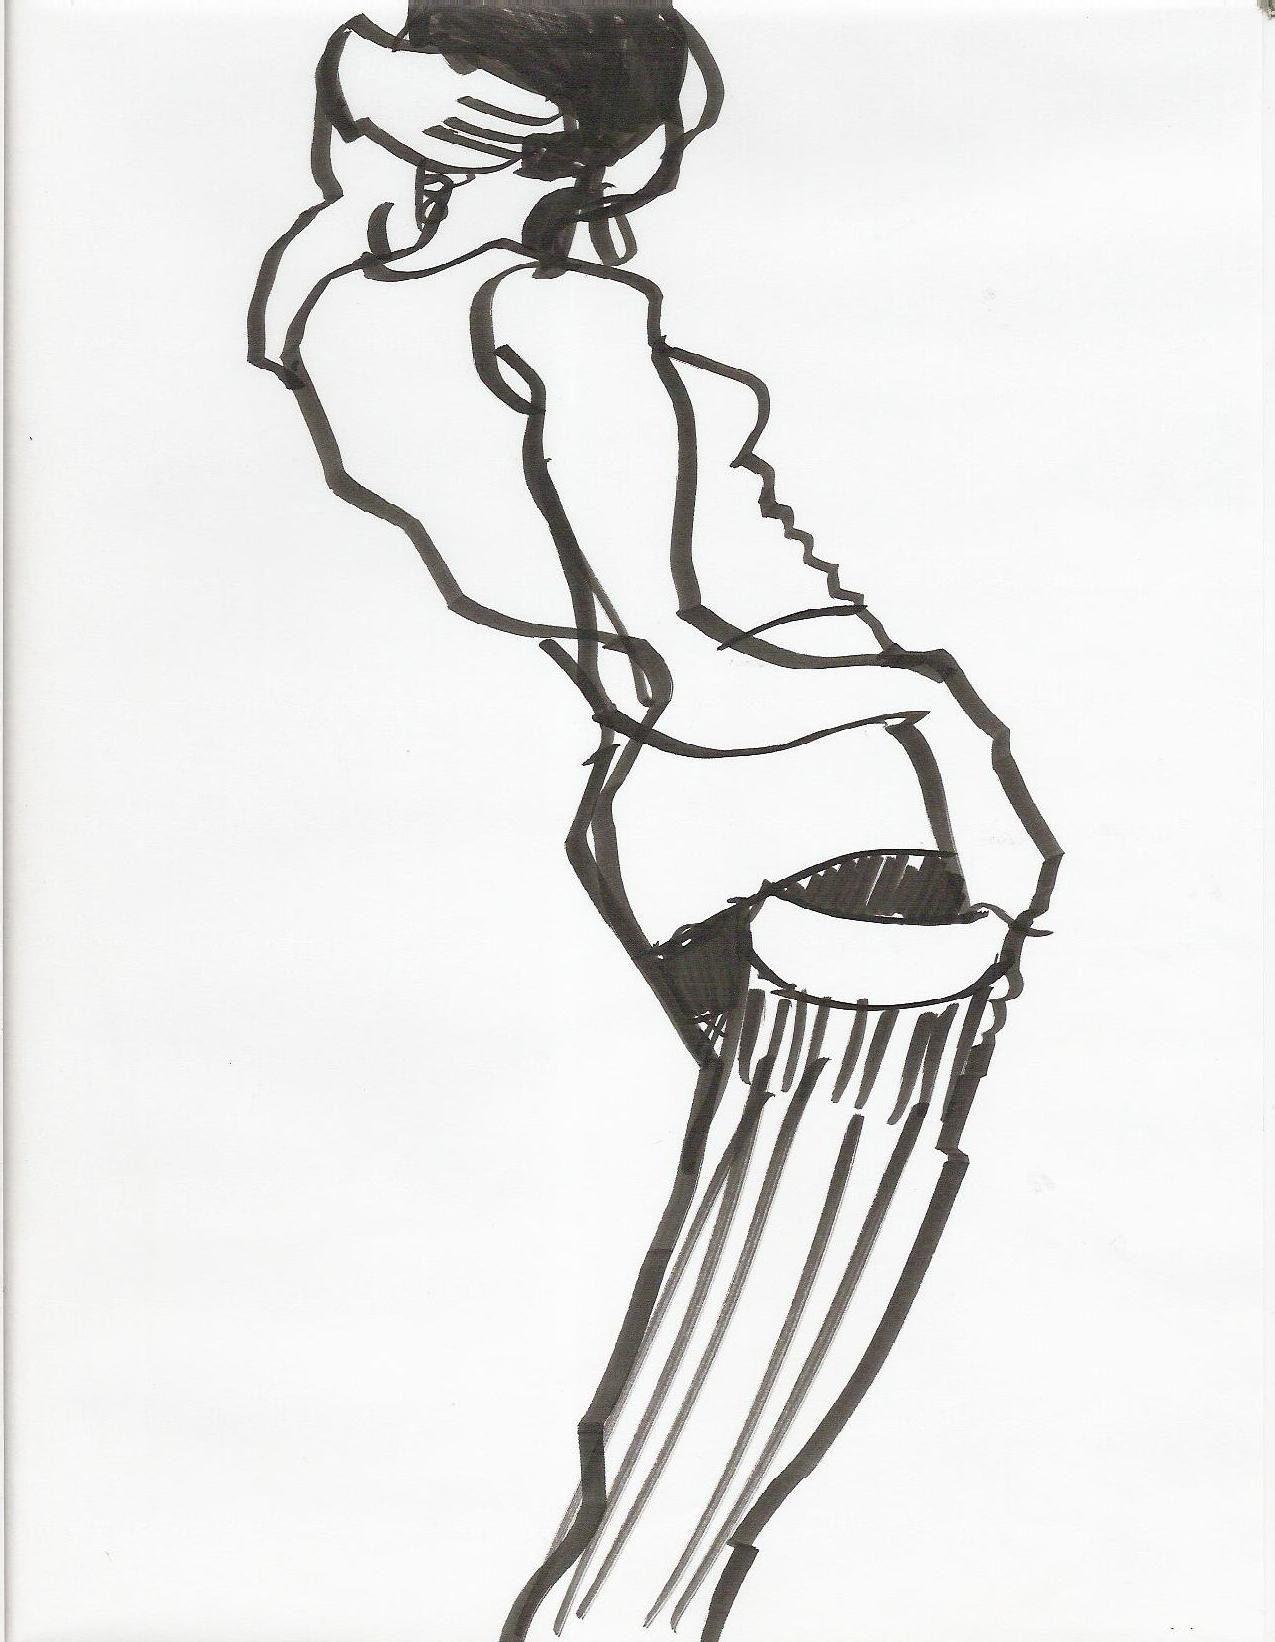 Line Quality In Art : Fashion illustration dancer brush pen model shaun gray